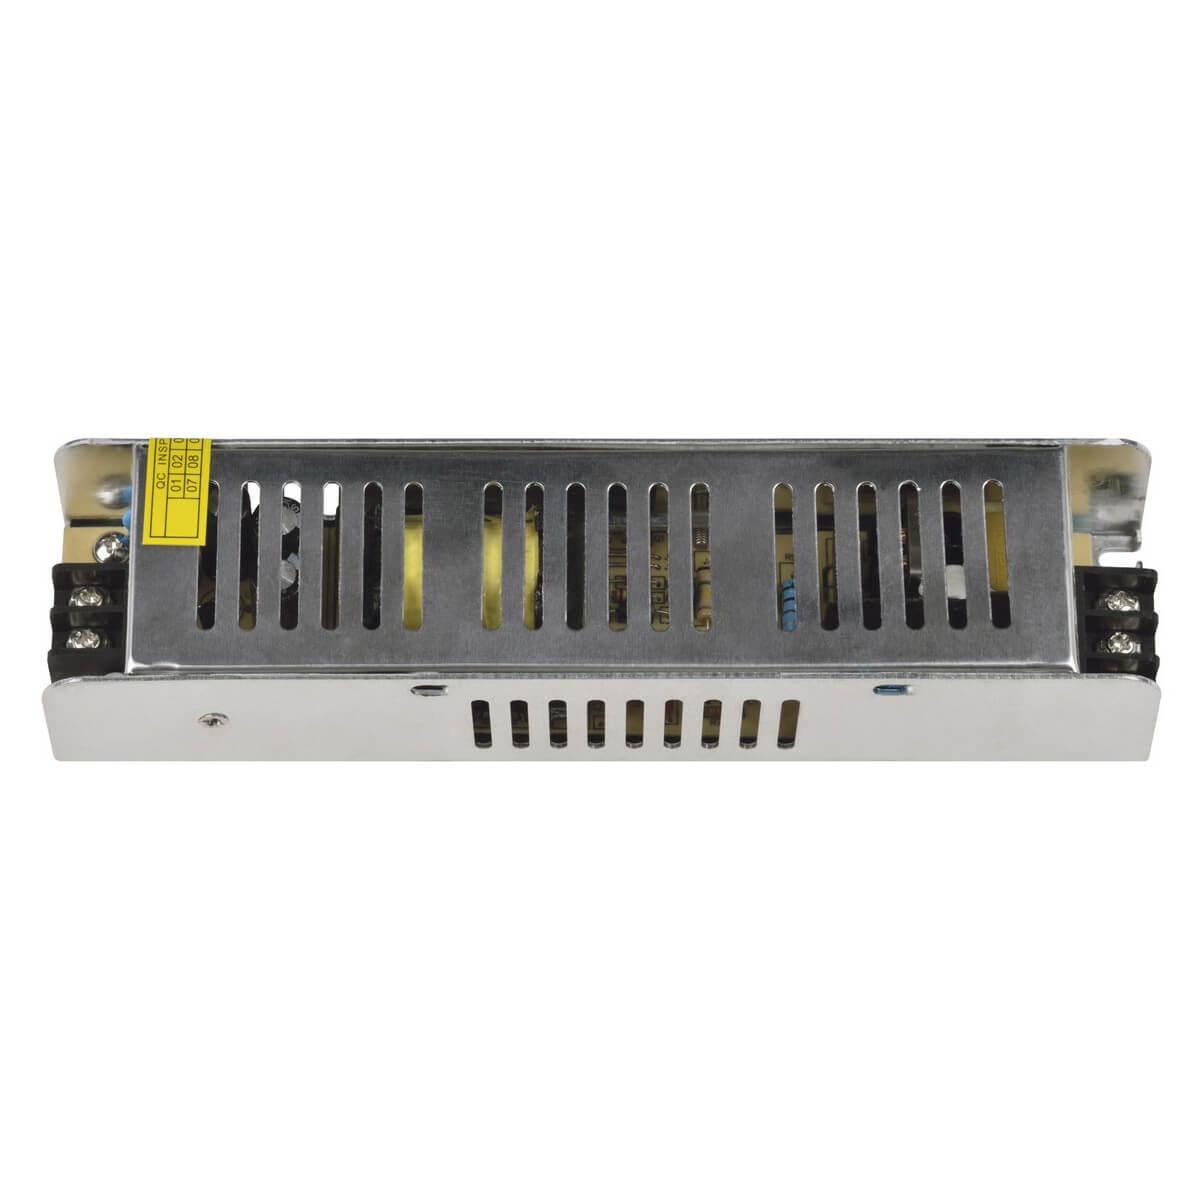 Блок питания (UL-00004330) Uniel UET-VAS-150A20 12V IP20 блок питания ul 00002429 uniel uet vas 060b20 24v ip20